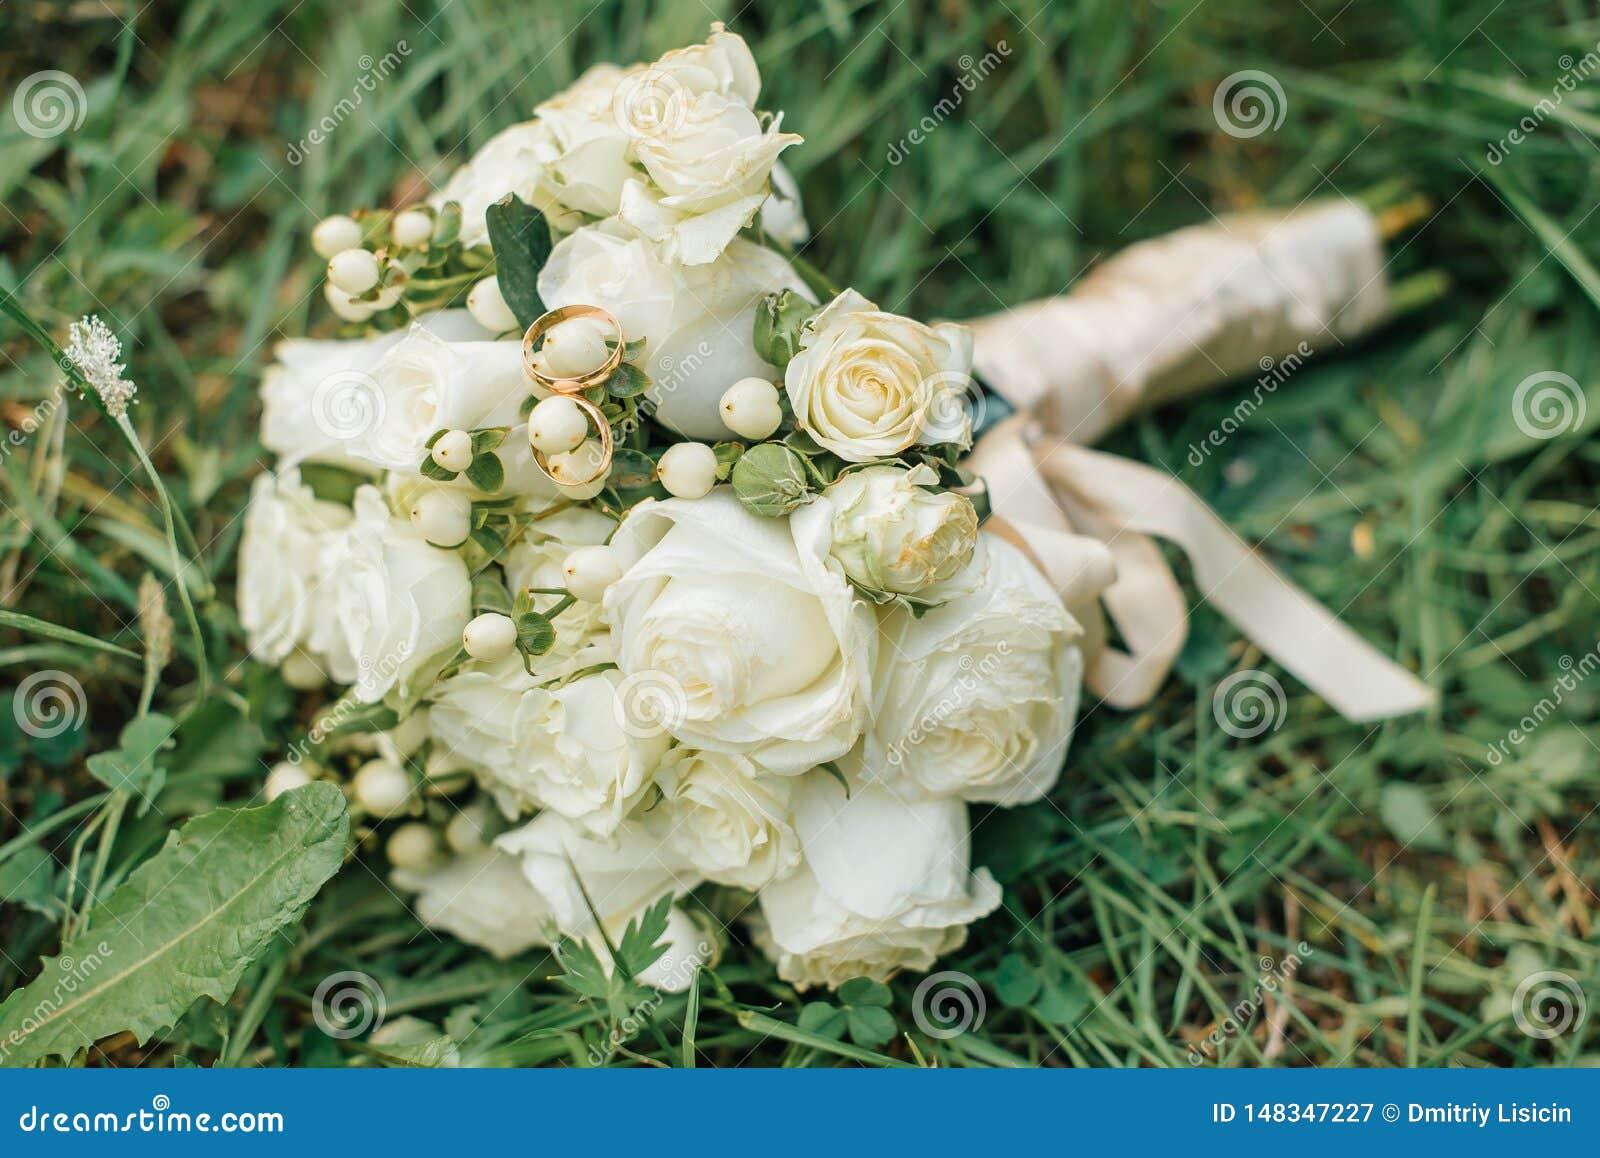 Η ανθοδέσμη της νύφης σε έναν γάμο